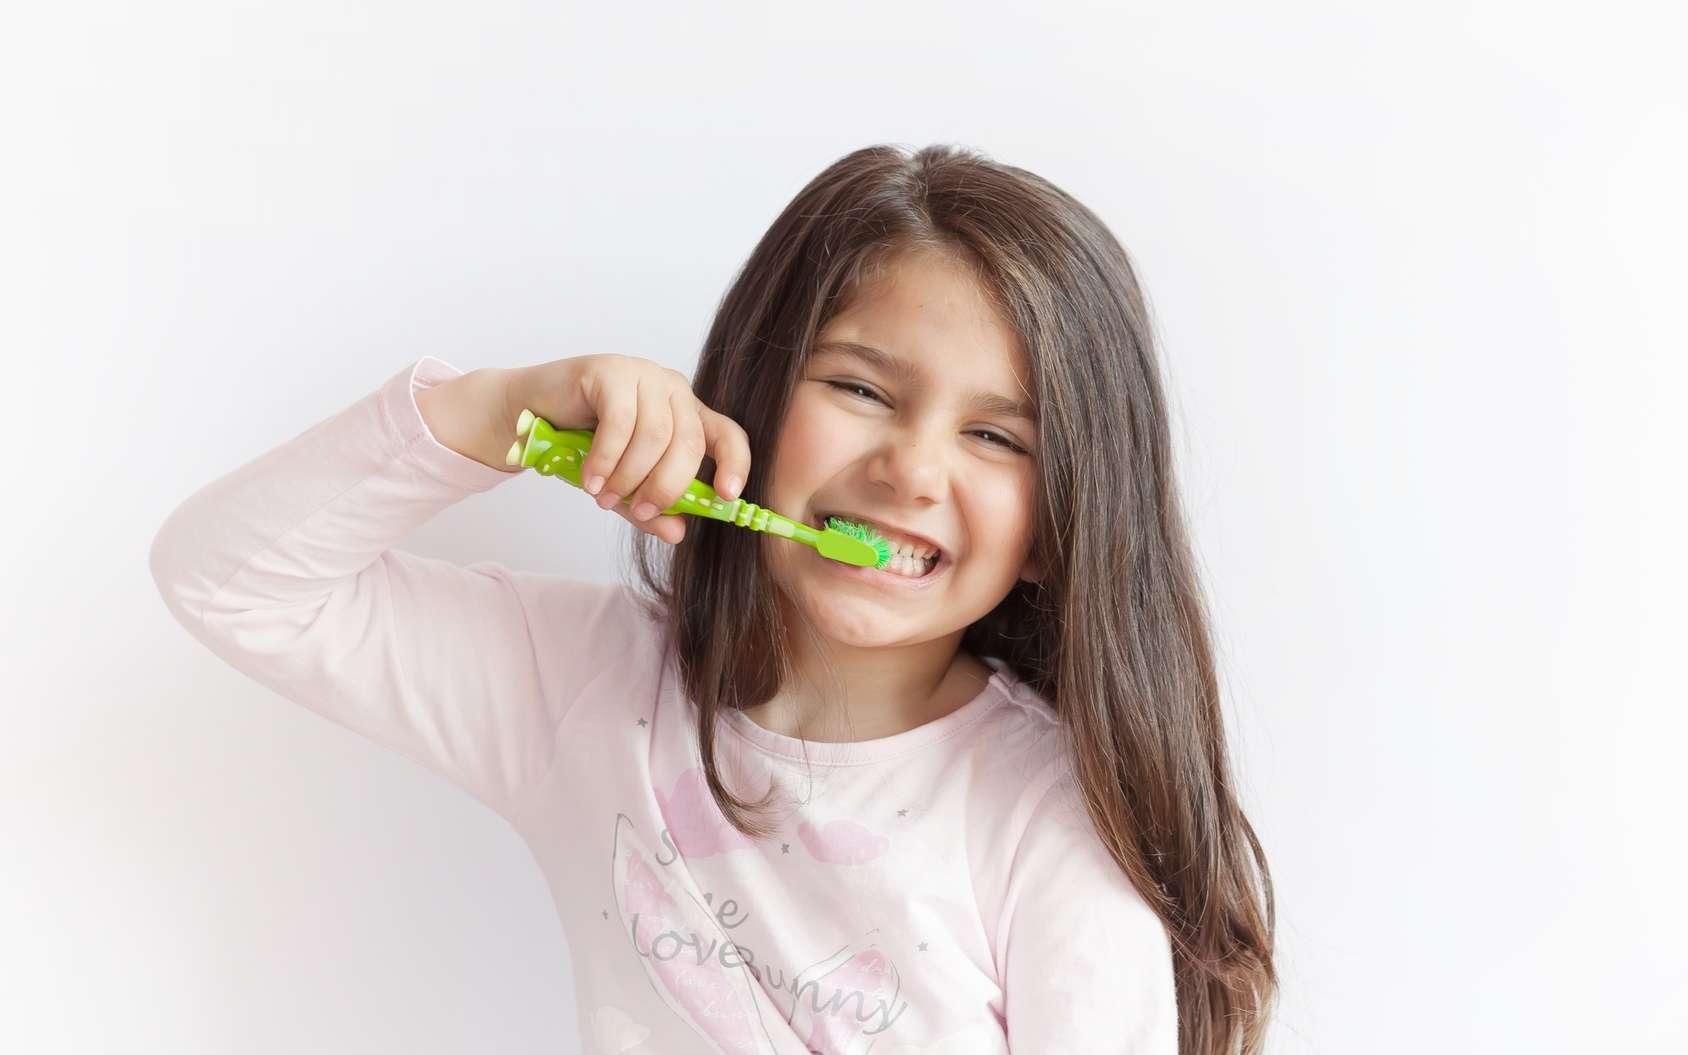 Les enfants doivent se laver les dents dès le plus jeune âge. © kaganskaya115, Fotolia